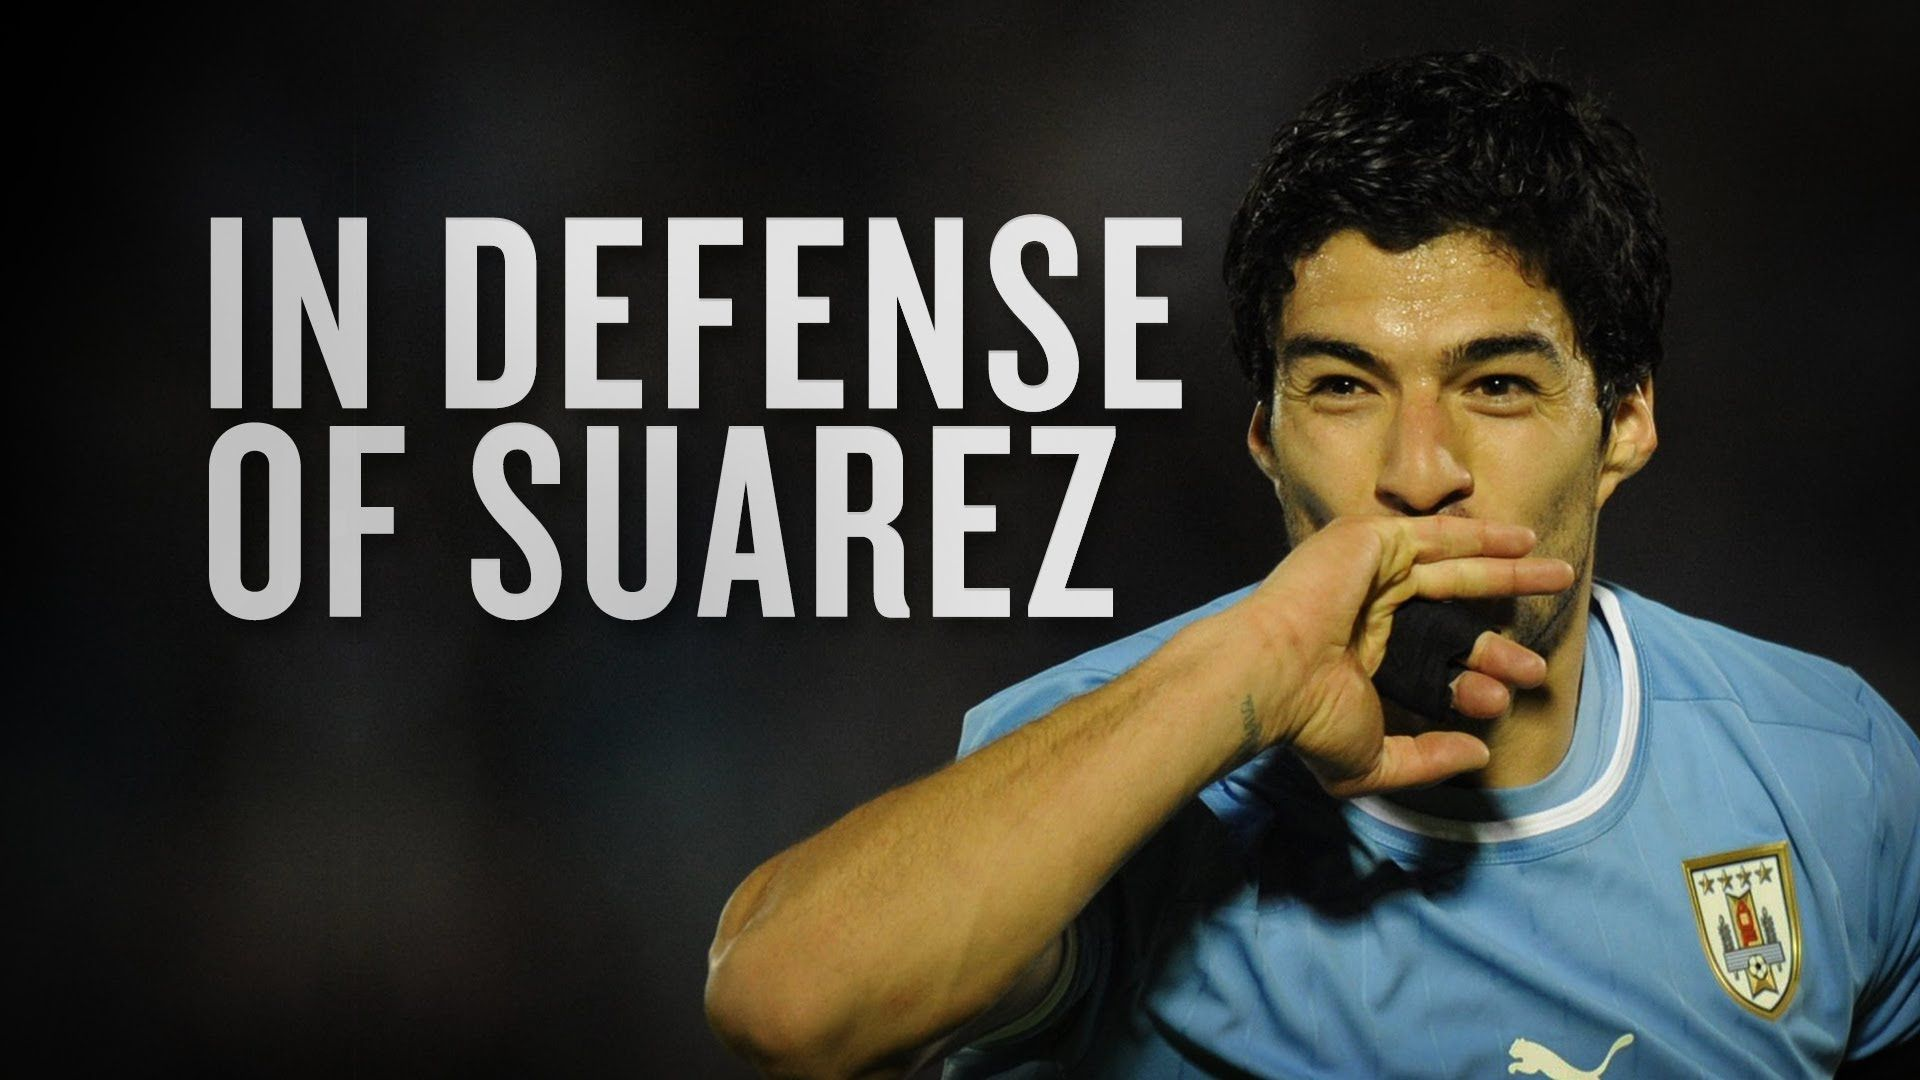 LuisSuárez shouldn't bite people, should still be Luis Suárez (Daily Win)